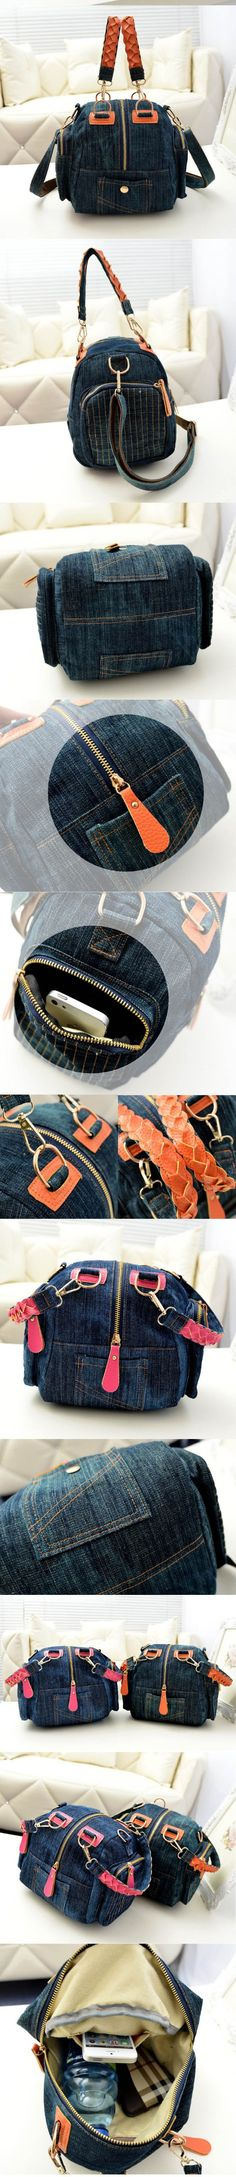 2017 Новый Повседневная женская джинсовая сумка Женщины малый сумки на ремне vintage blue jeans crossbody сумка дамы кошелек 2 цвета bolsa feminina купить на AliExpress